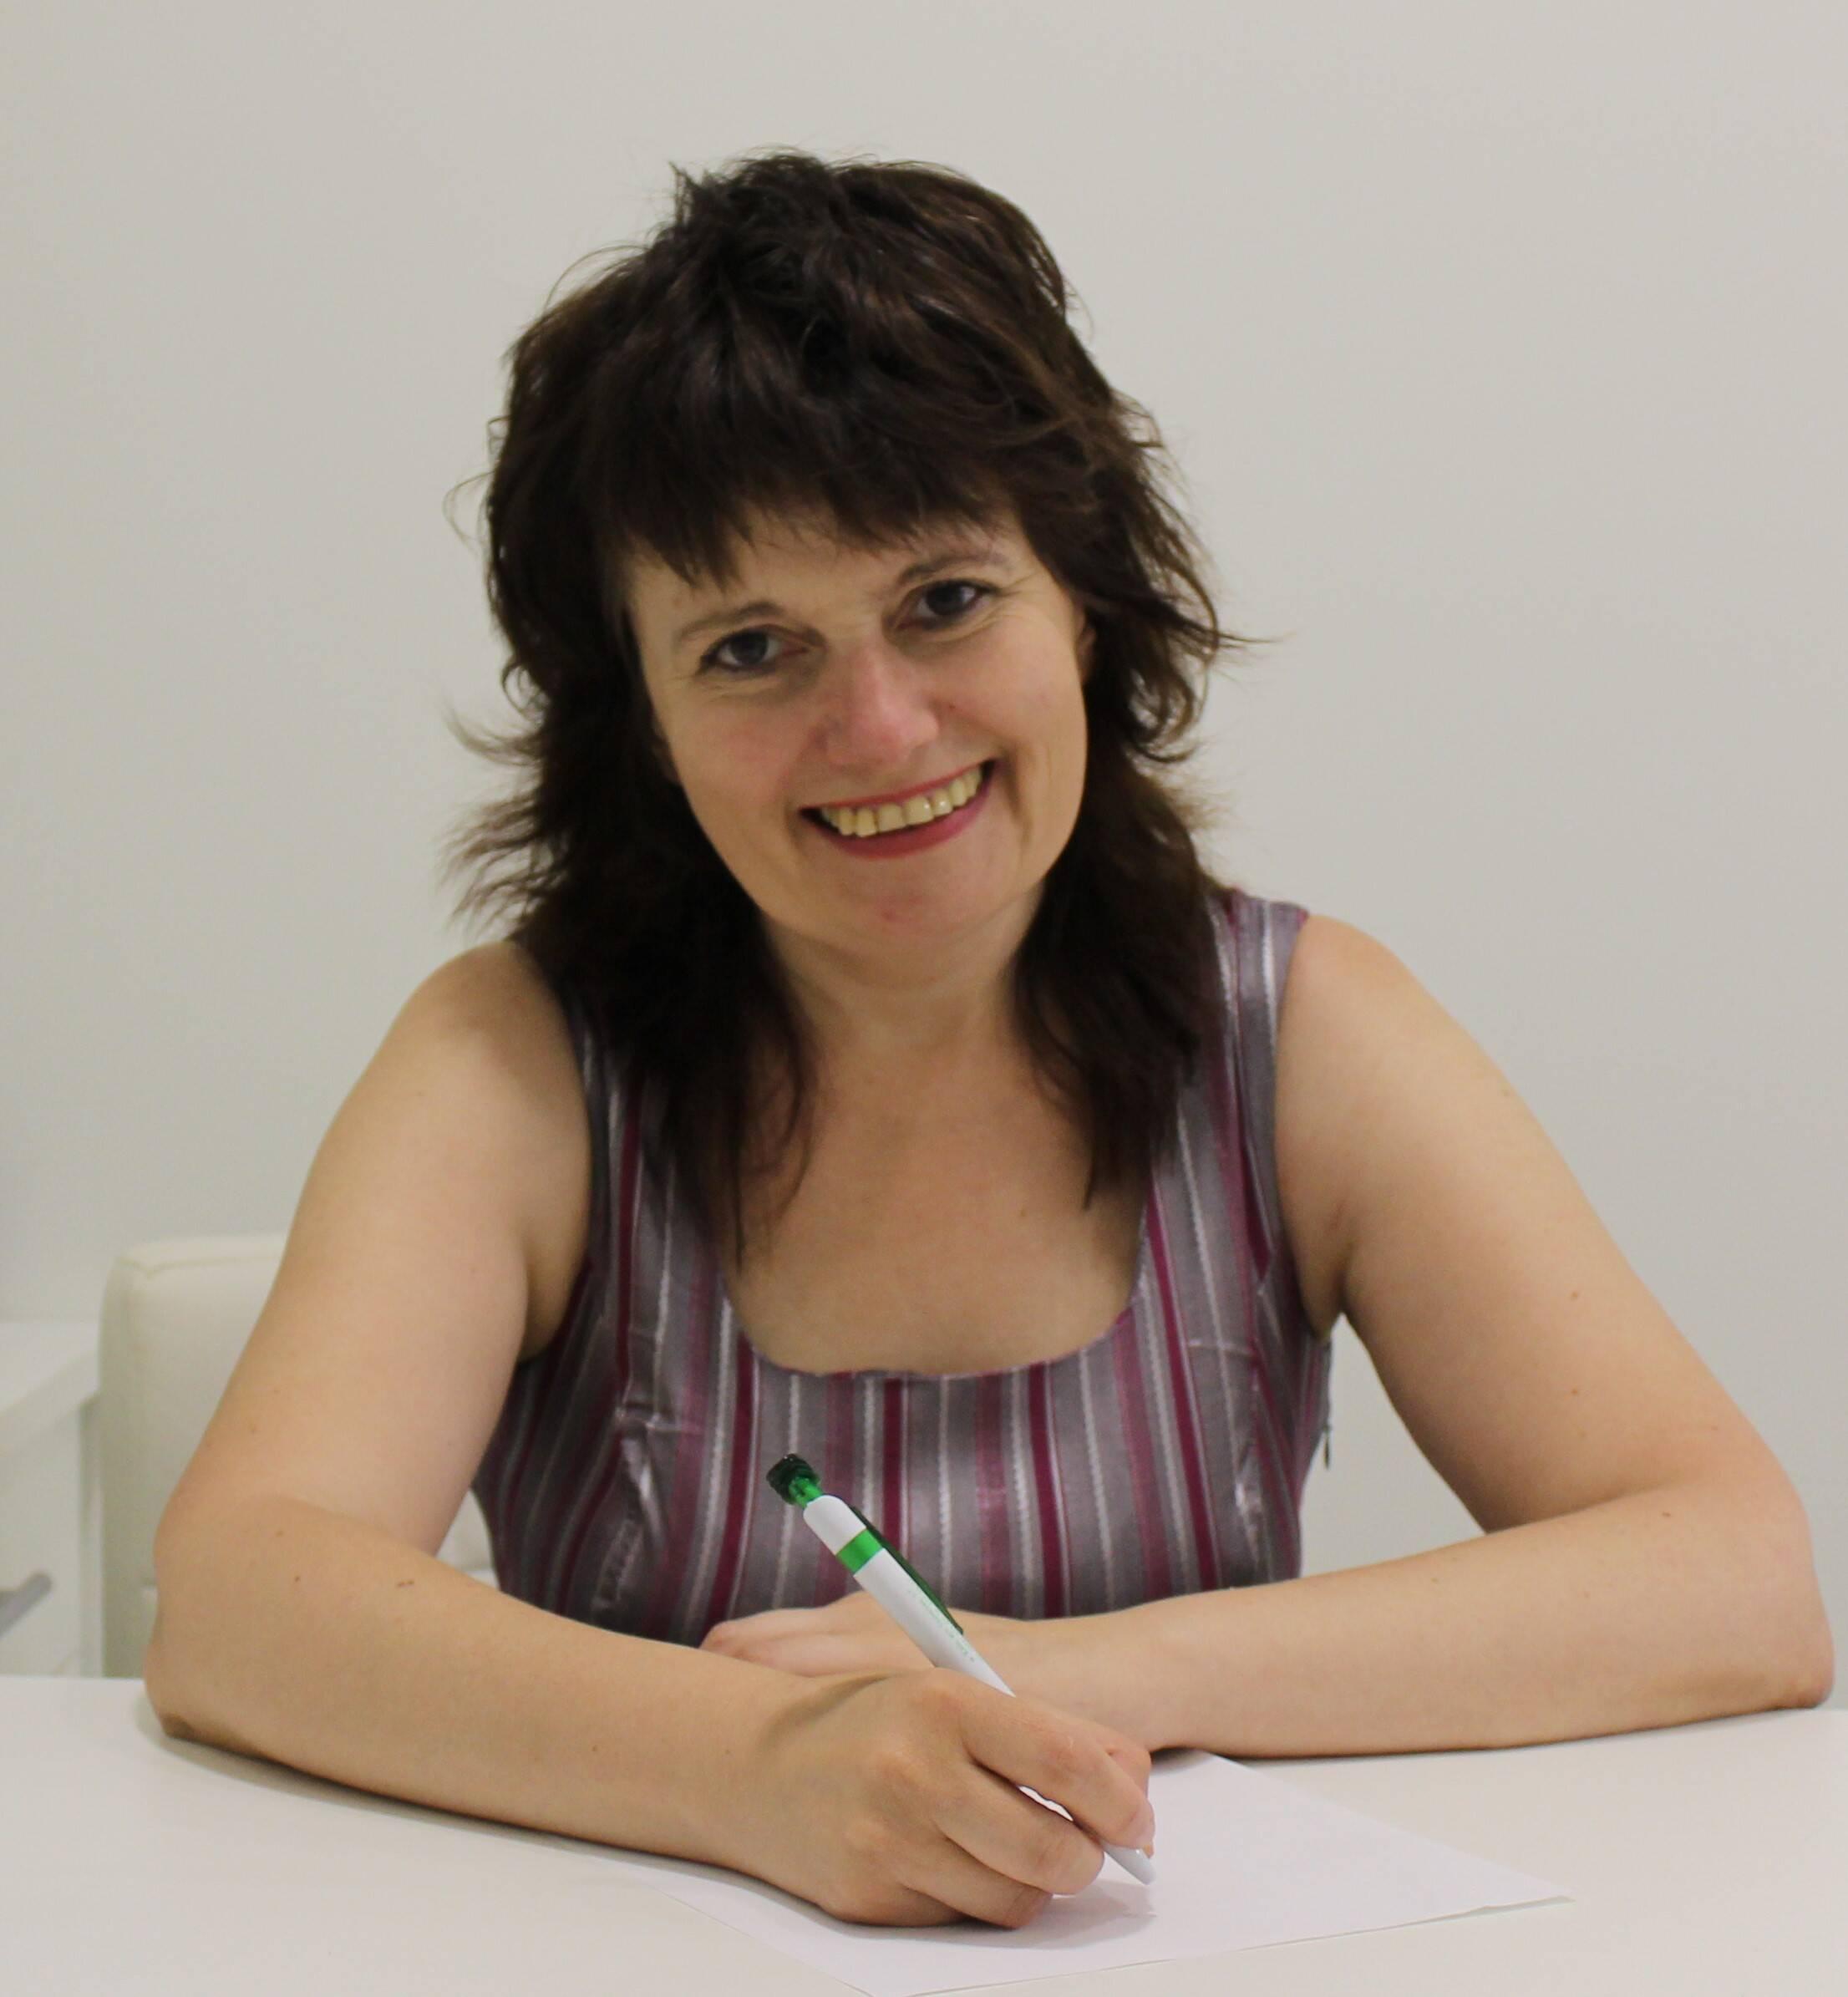 врач Гатилова  Галина  Дмитриевна: описание, отзывы, услуги, рейтинг, записаться онлайн на сайте h24.ua